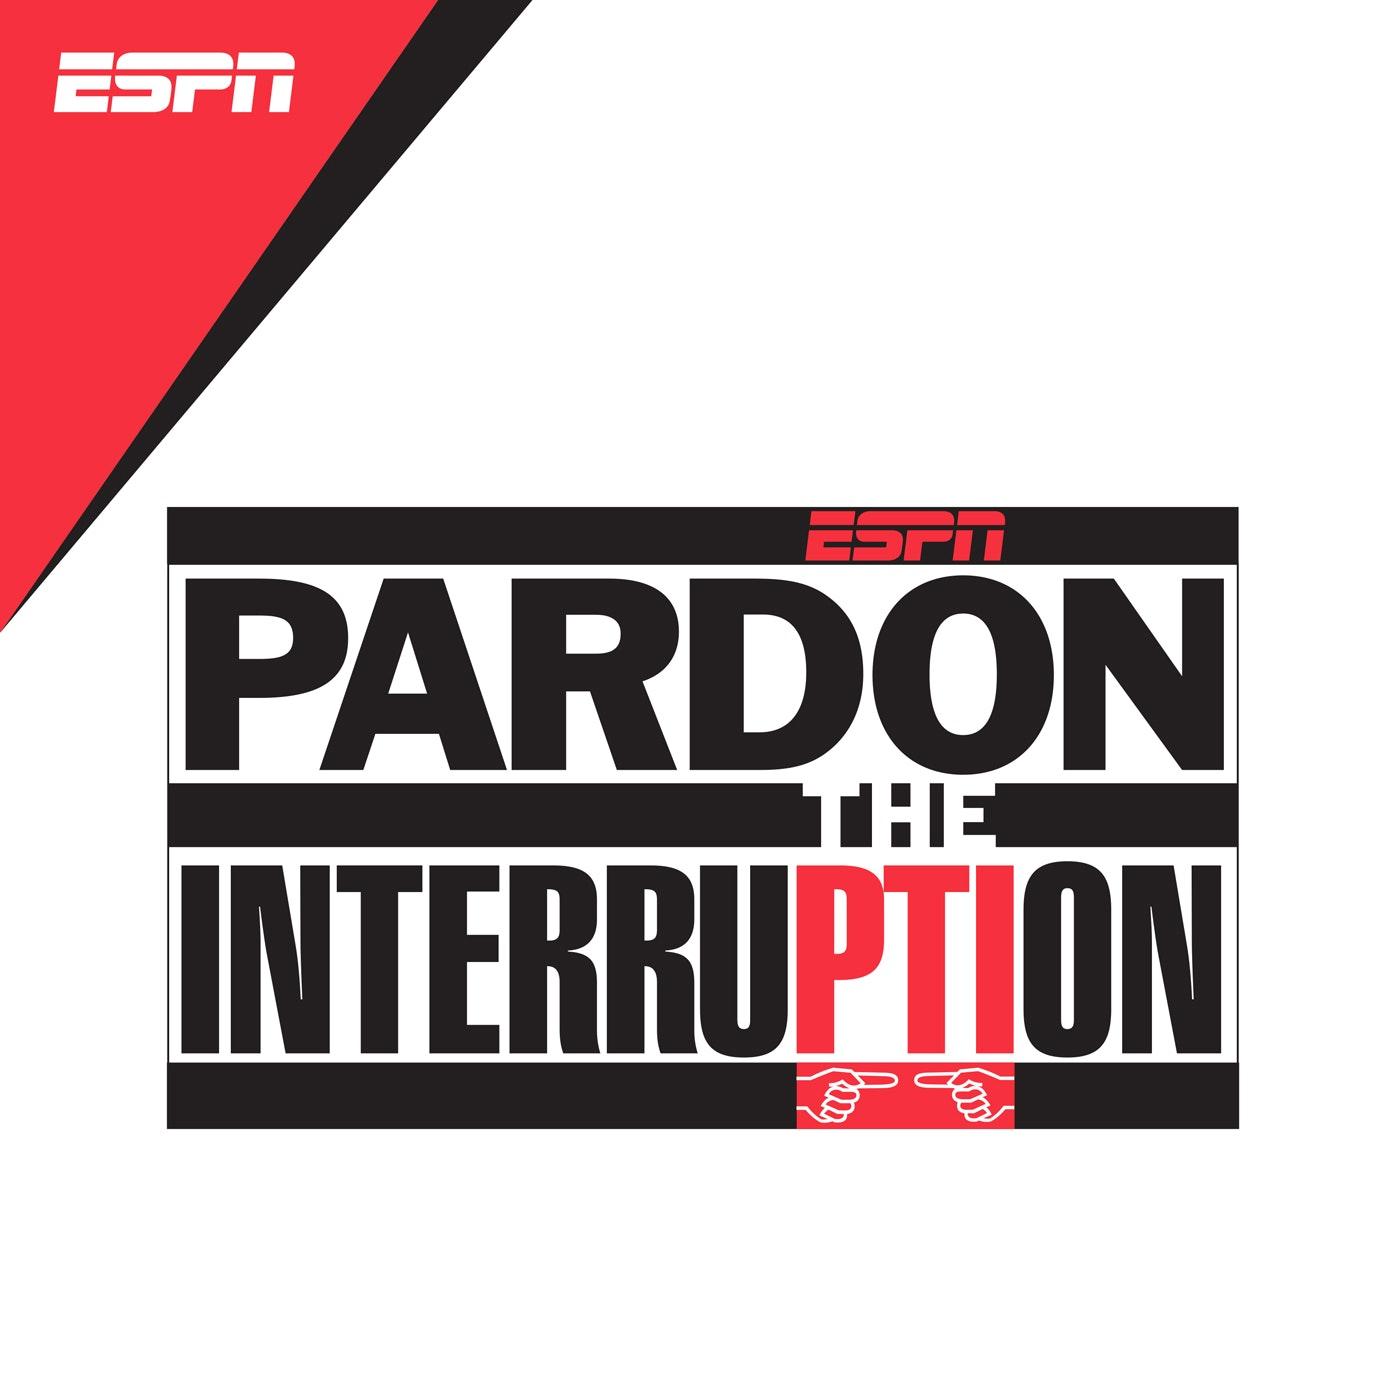 ESPN: PTI